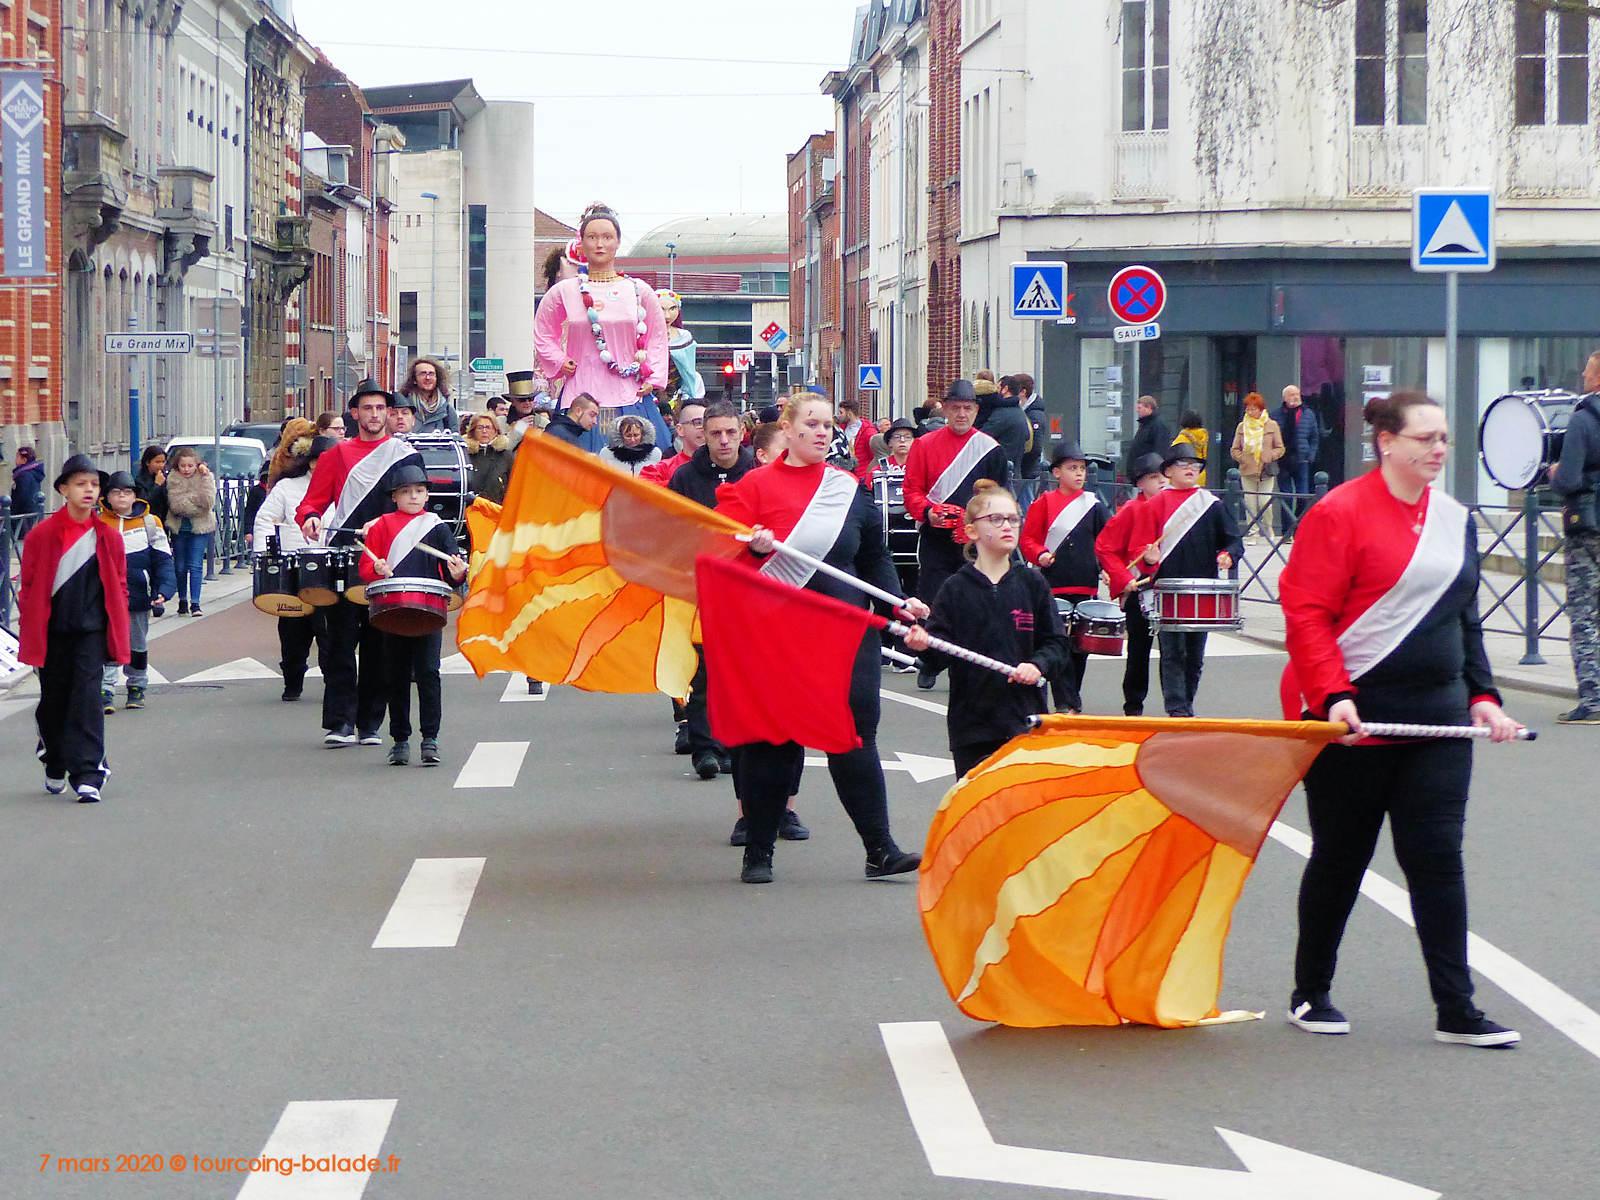 Clémentine du Virolois, 15ème Parade des Géants Tourcoing 2020